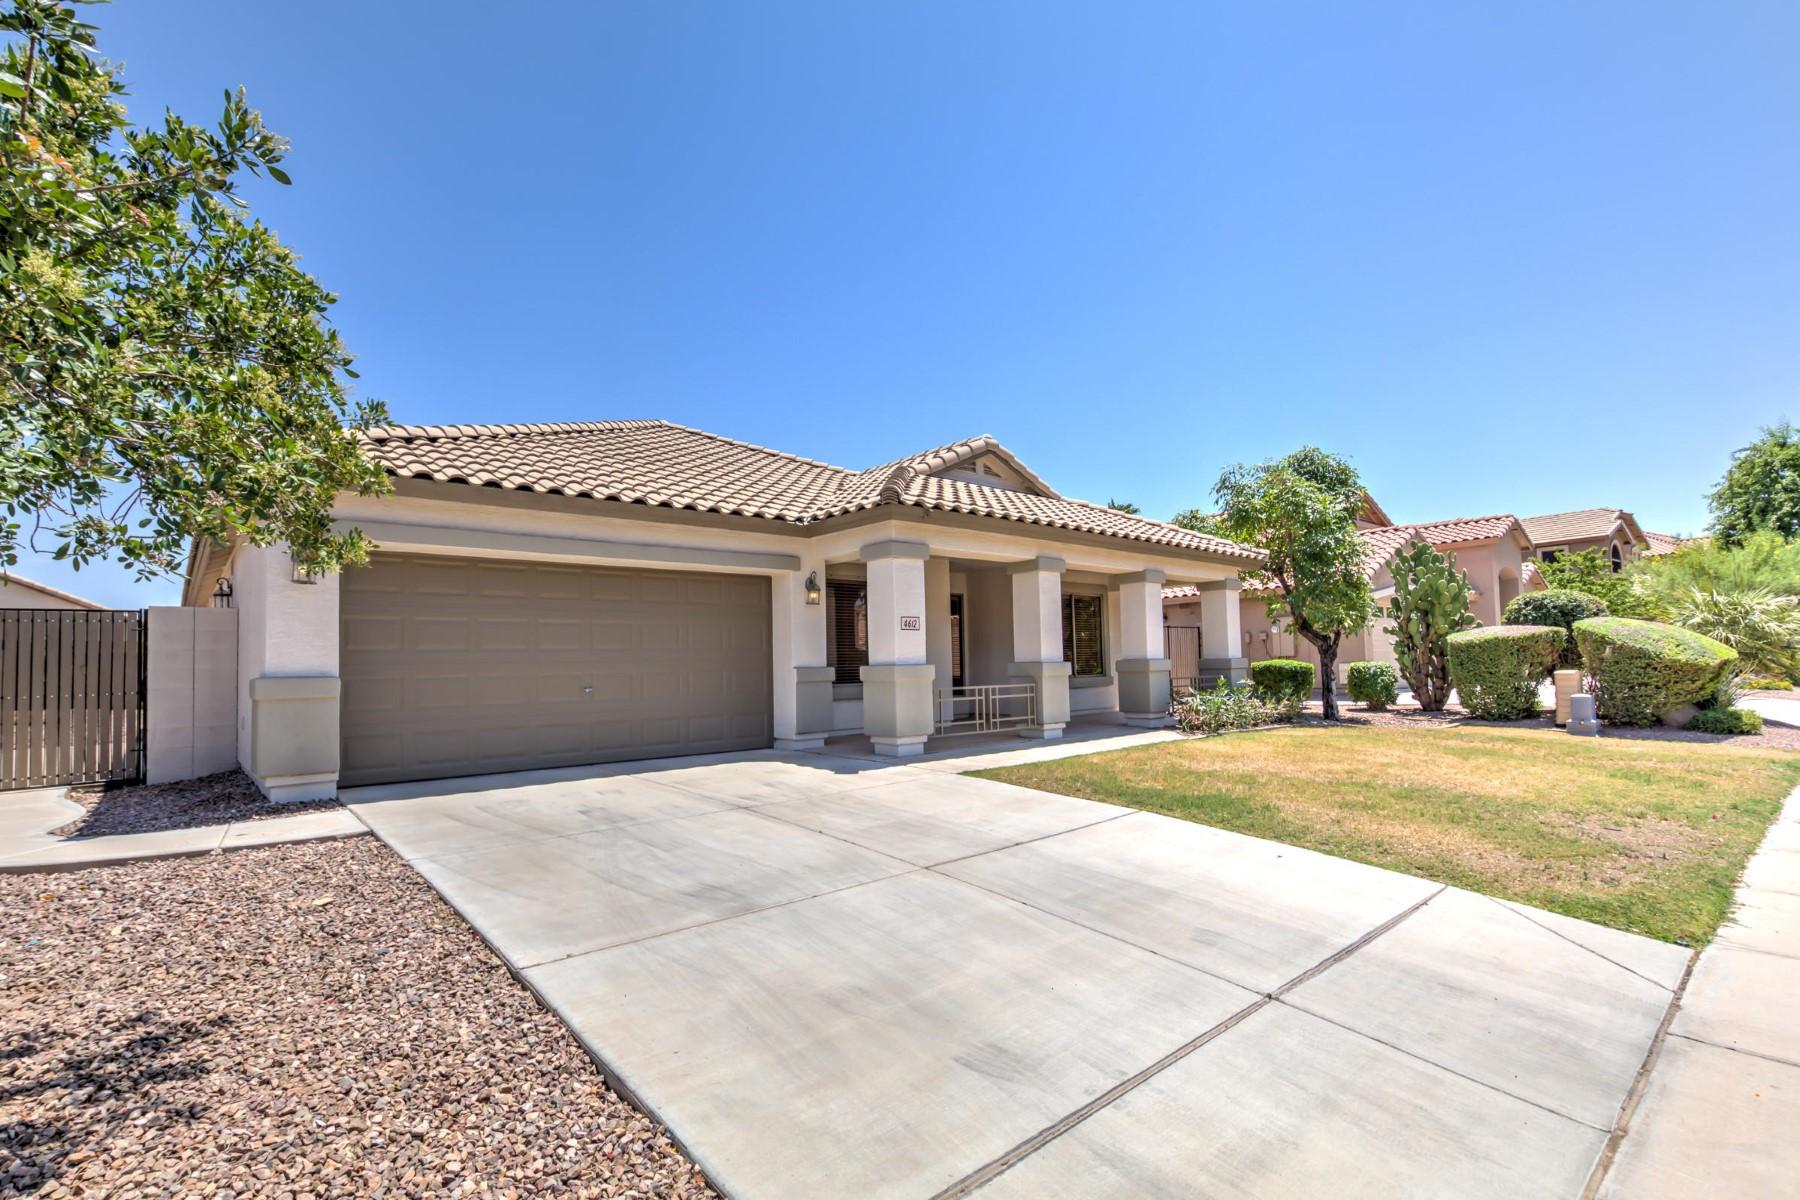 Casa Unifamiliar por un Venta en Beautiful 4 bedroom single level home in the East Valley 4612 E Desert Sands Dr Chandler, Arizona 85249 Estados Unidos